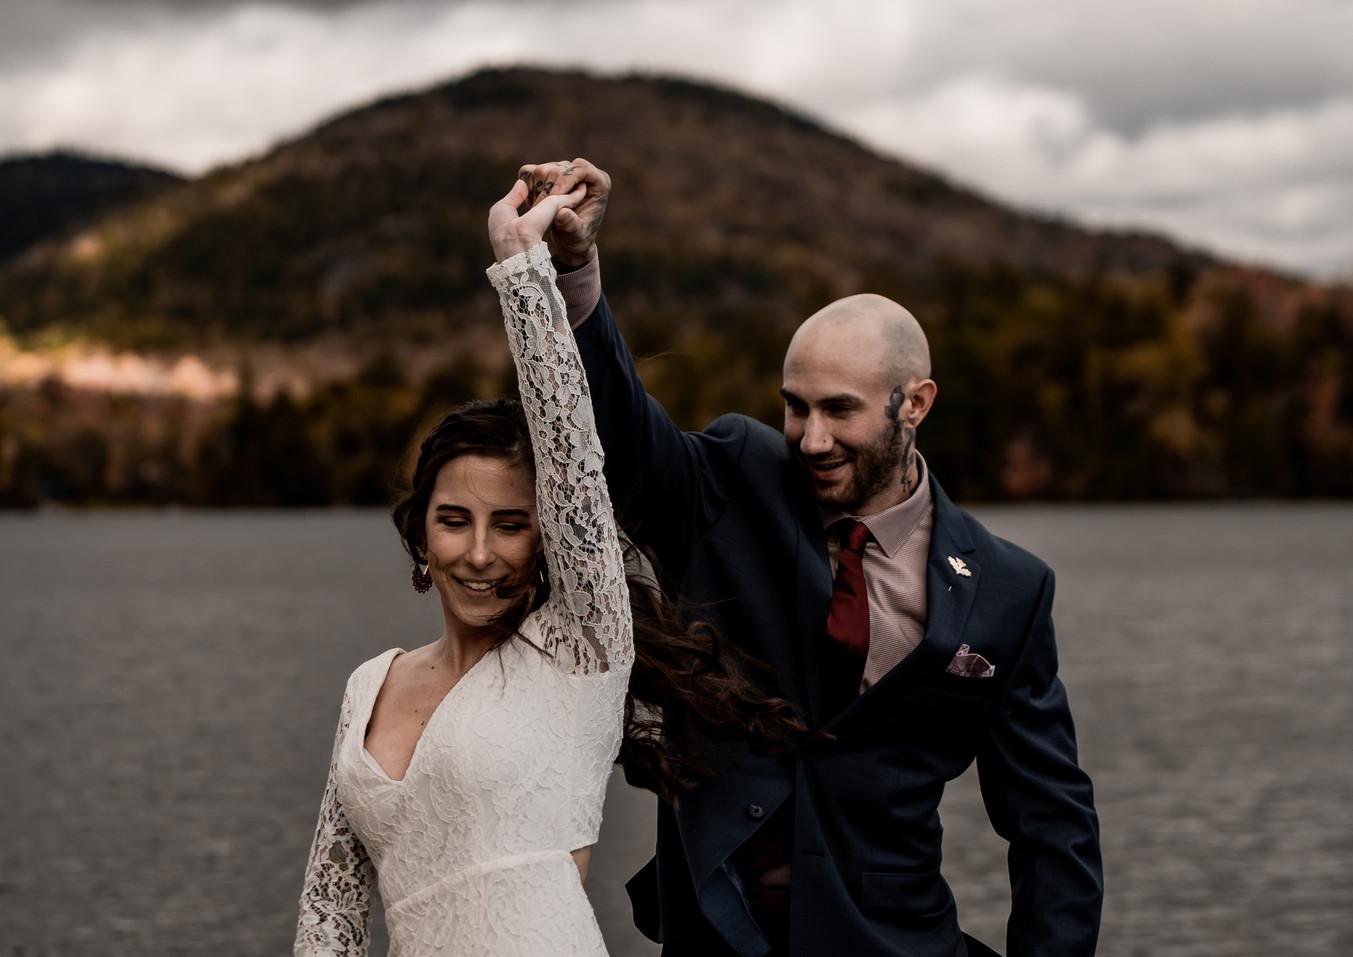 Brendan and Samantha's wedding in Lake Placid, NY